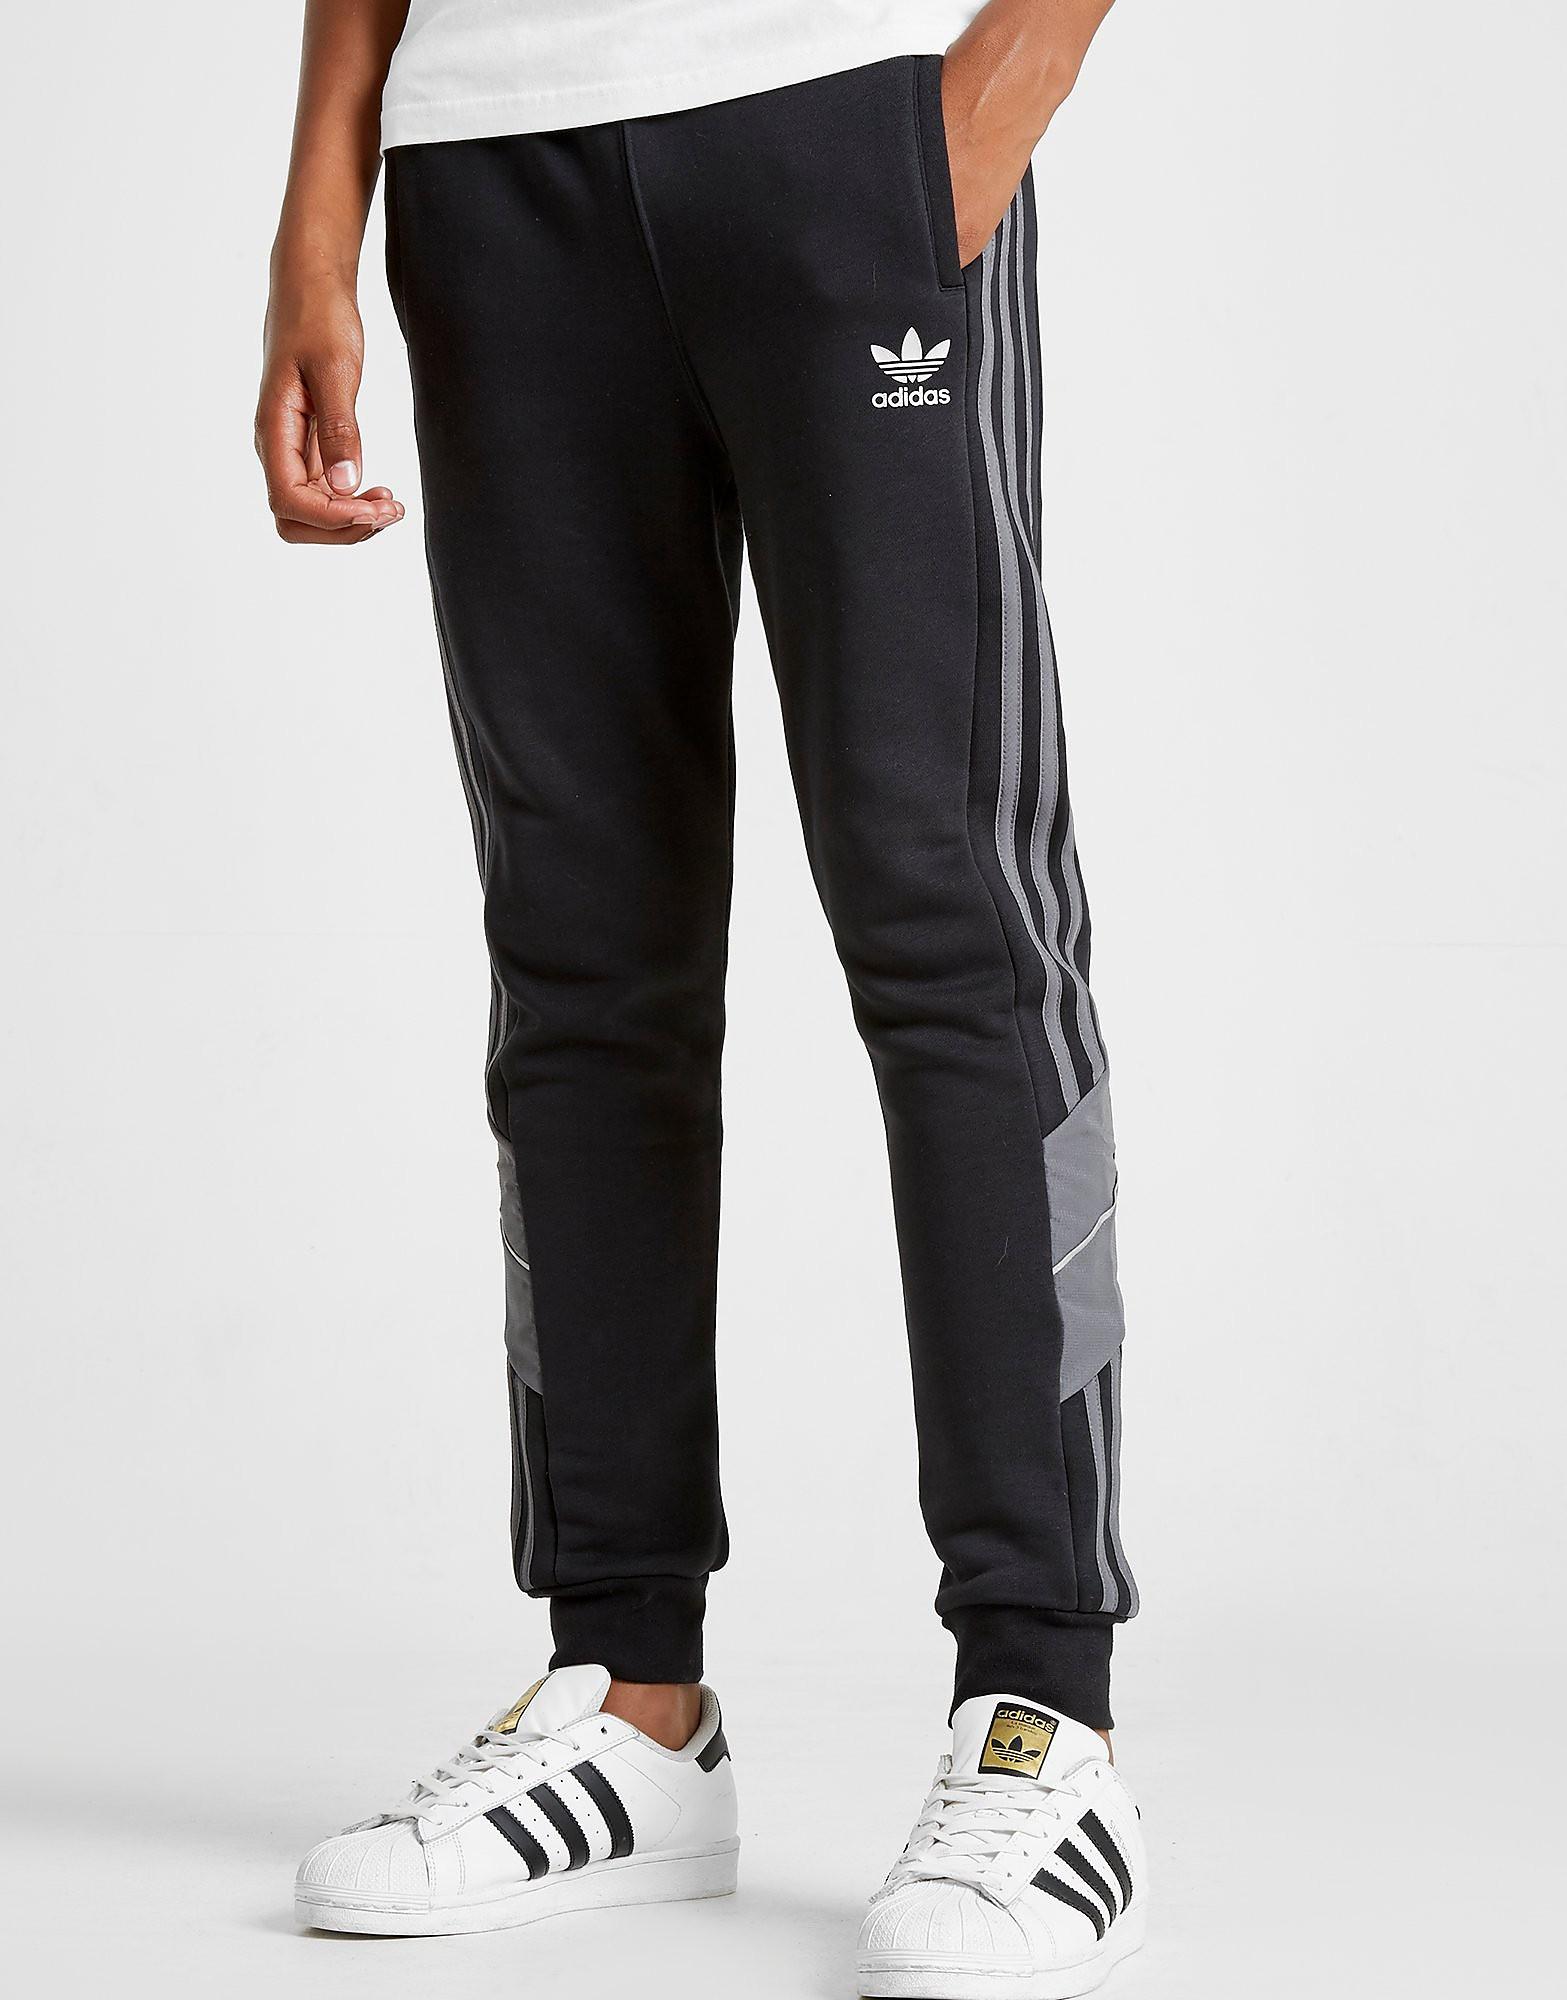 adidas Originals Speed Fleece Track Pants Junior - Zwart - Kind